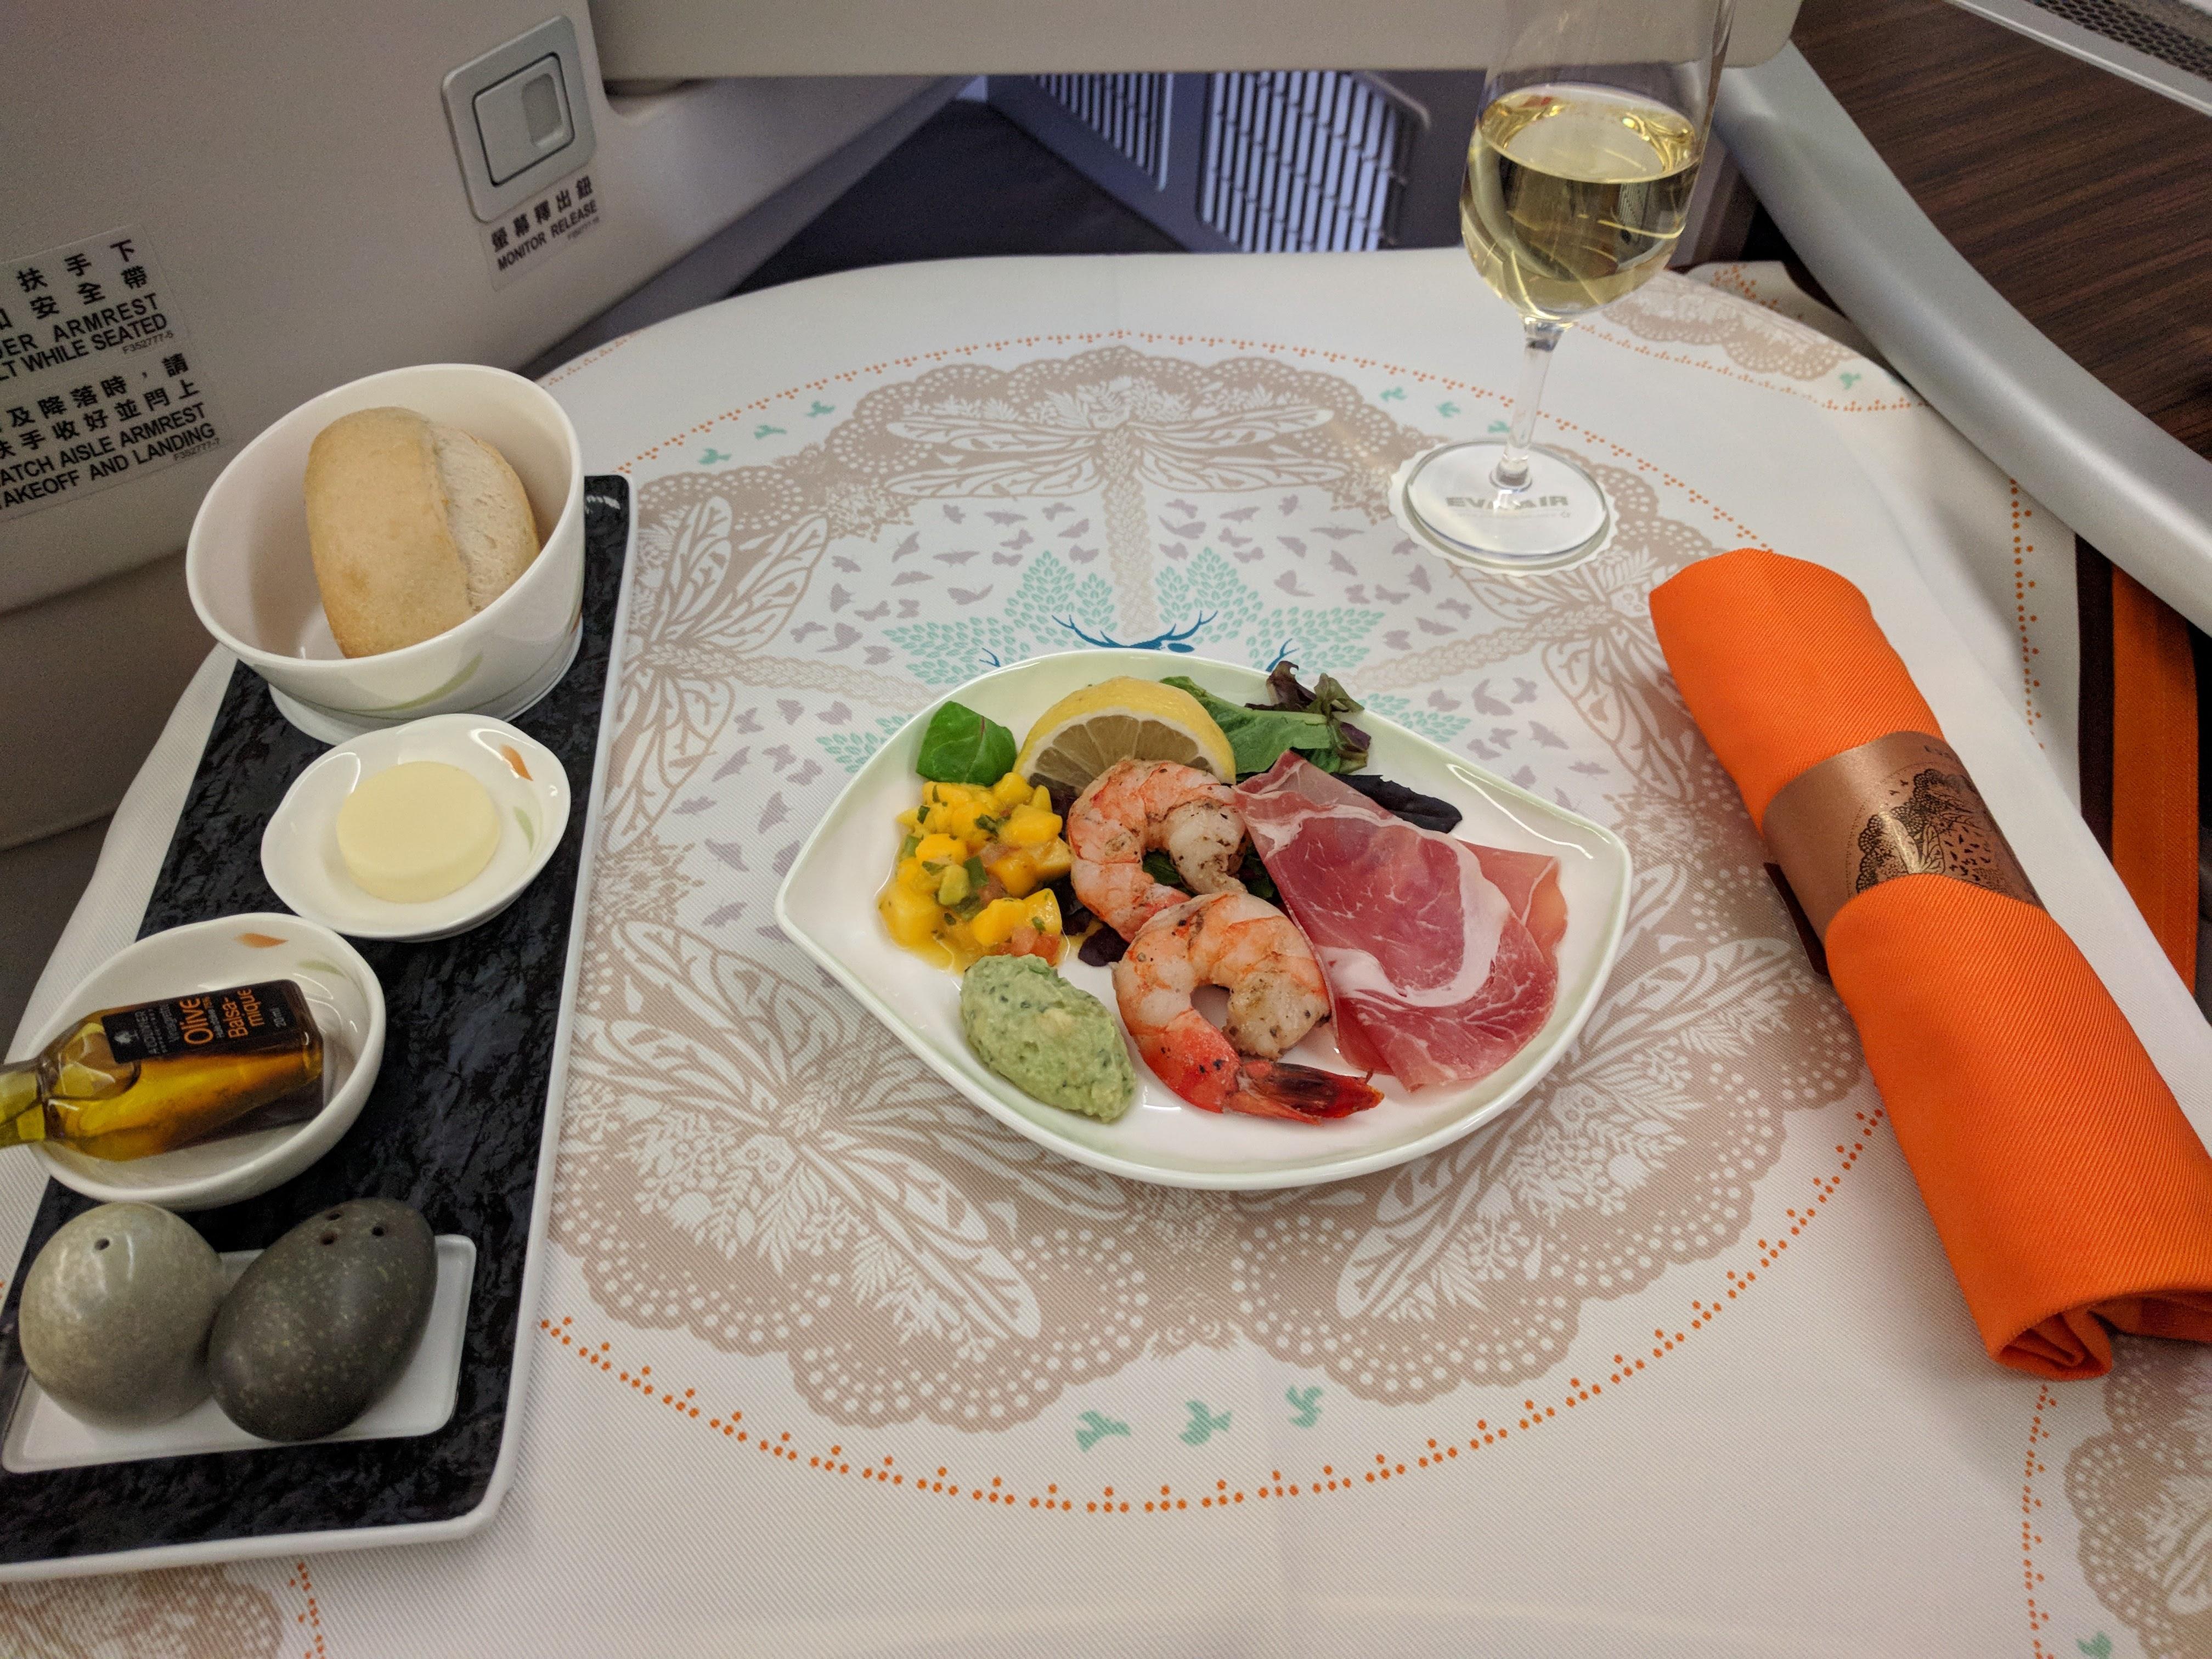 Royal Laurel Class appetizer